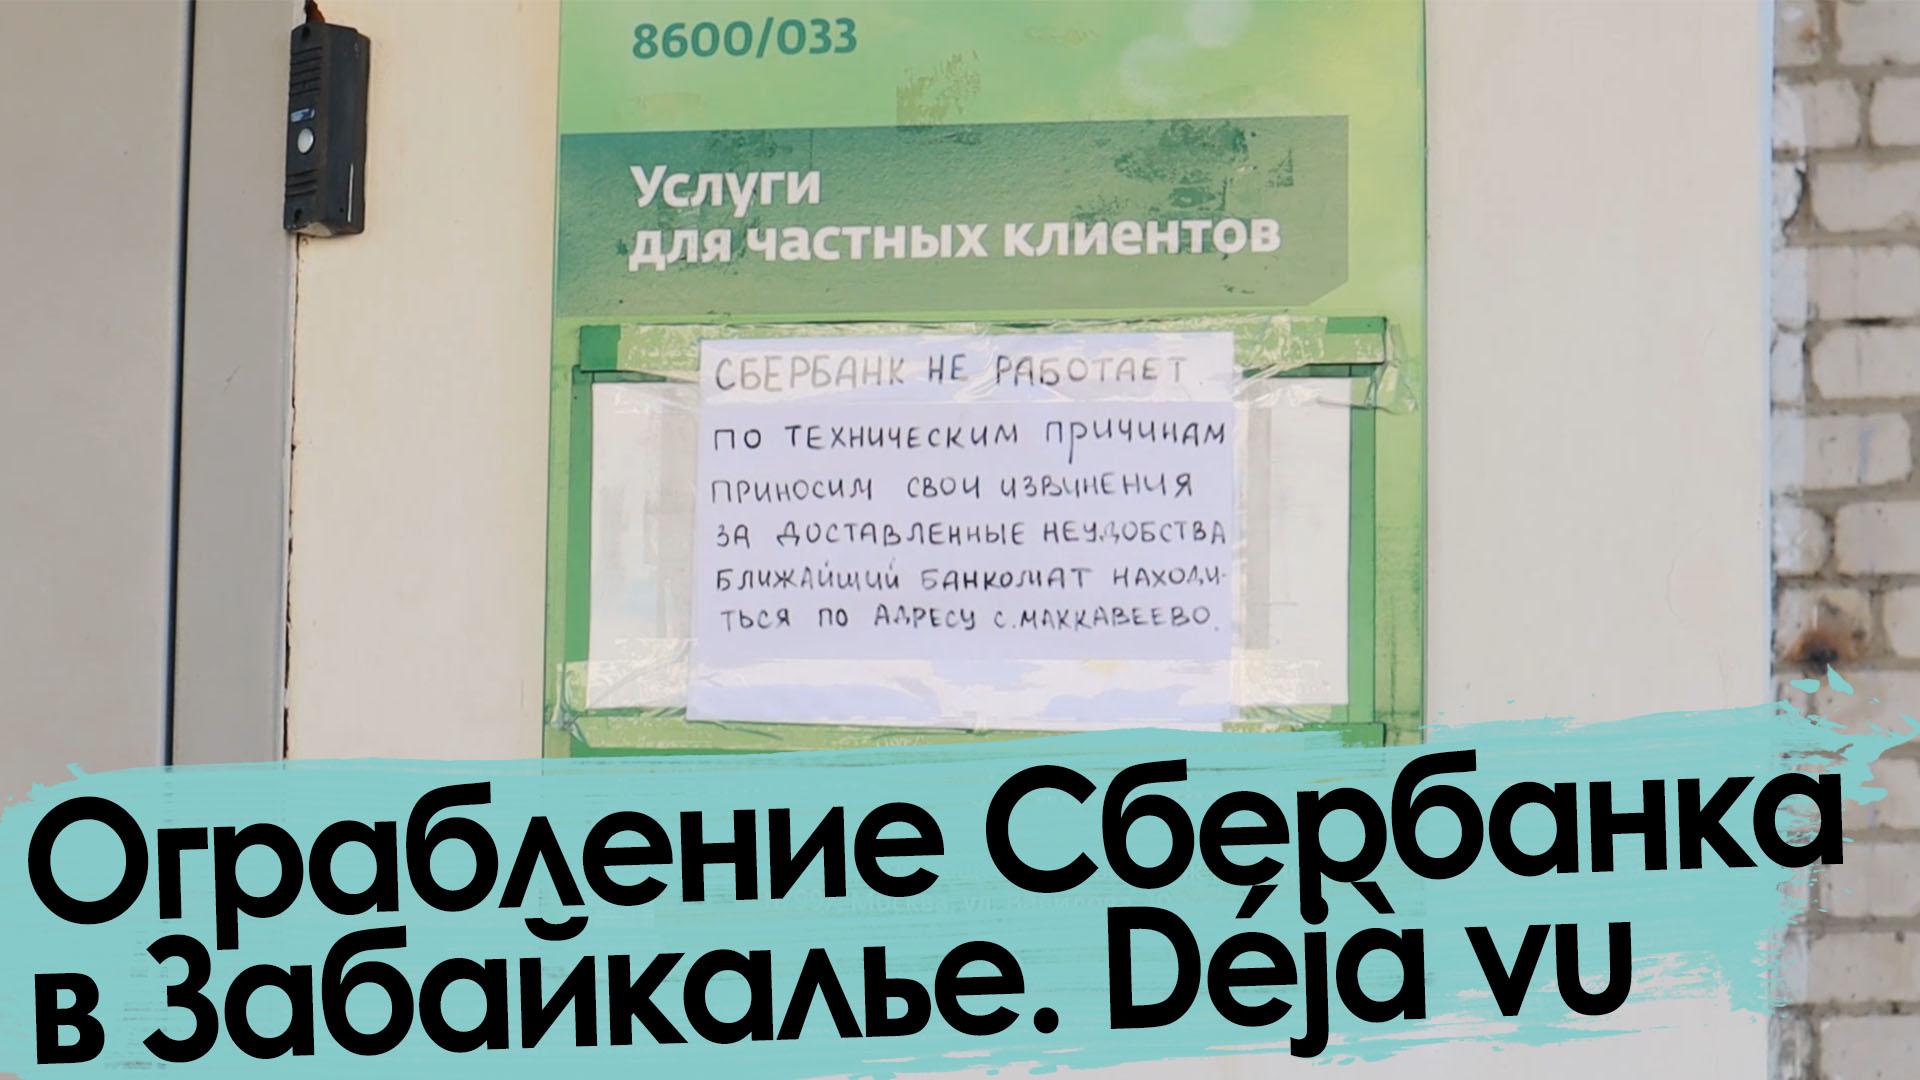 Ограбление Сбербанка в Забайкалье. Как это было